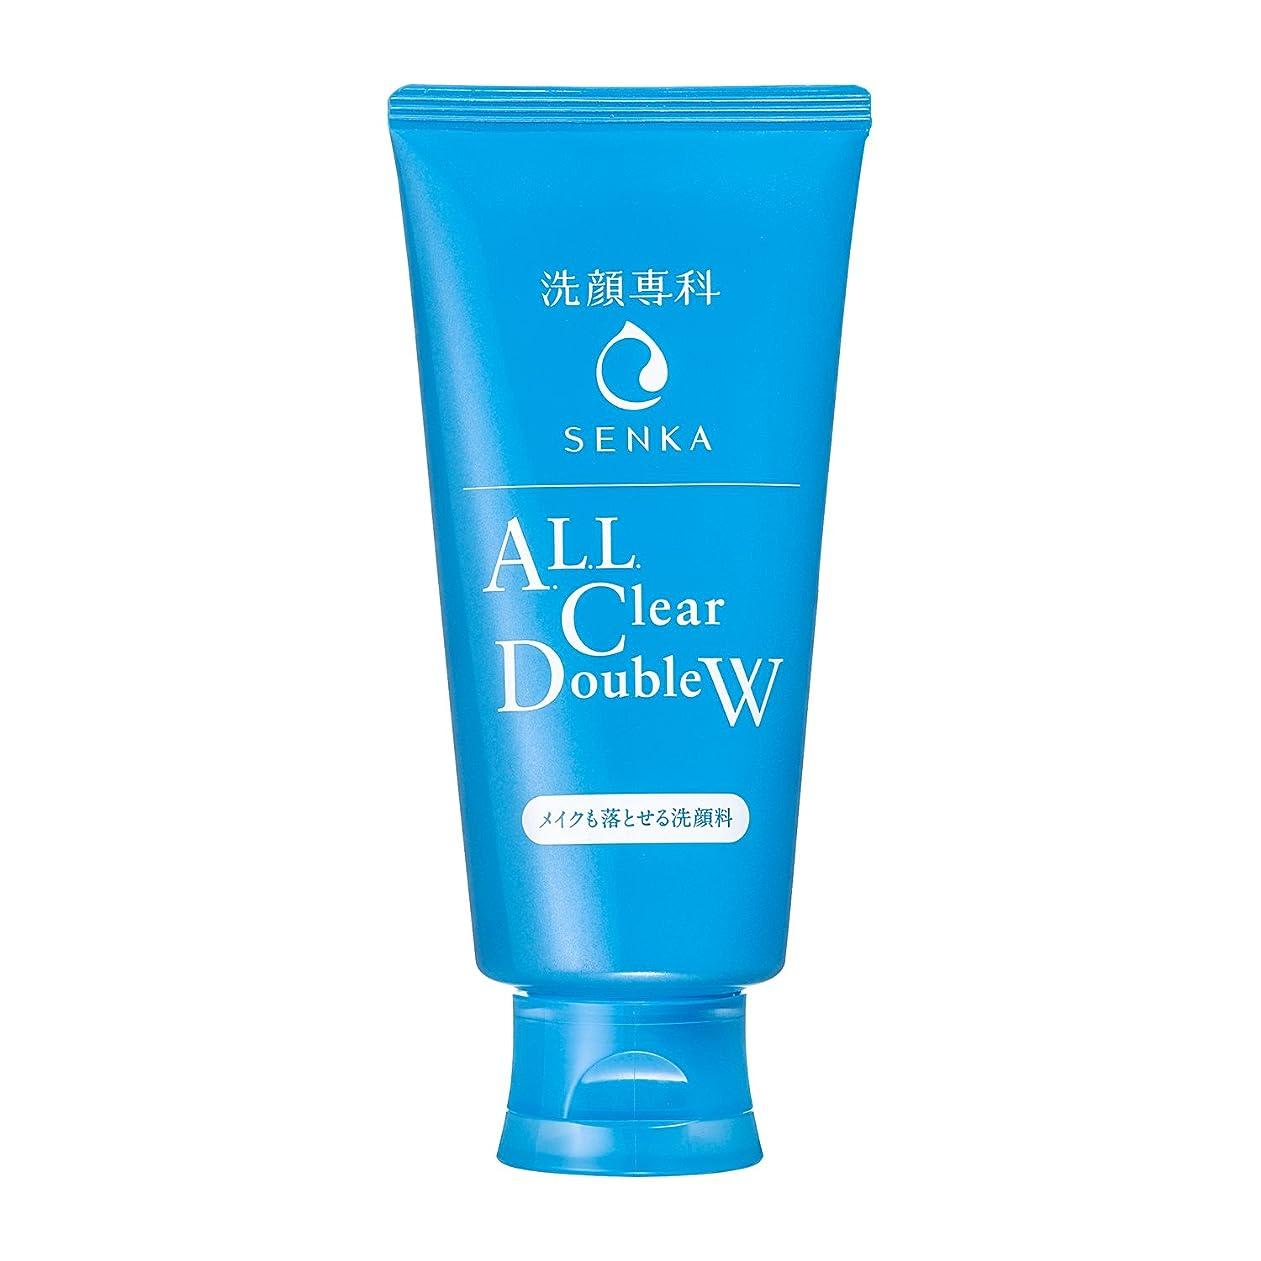 グレートバリアリーフベッド理想的洗顔専科 メイクも落とせる洗顔料 120g